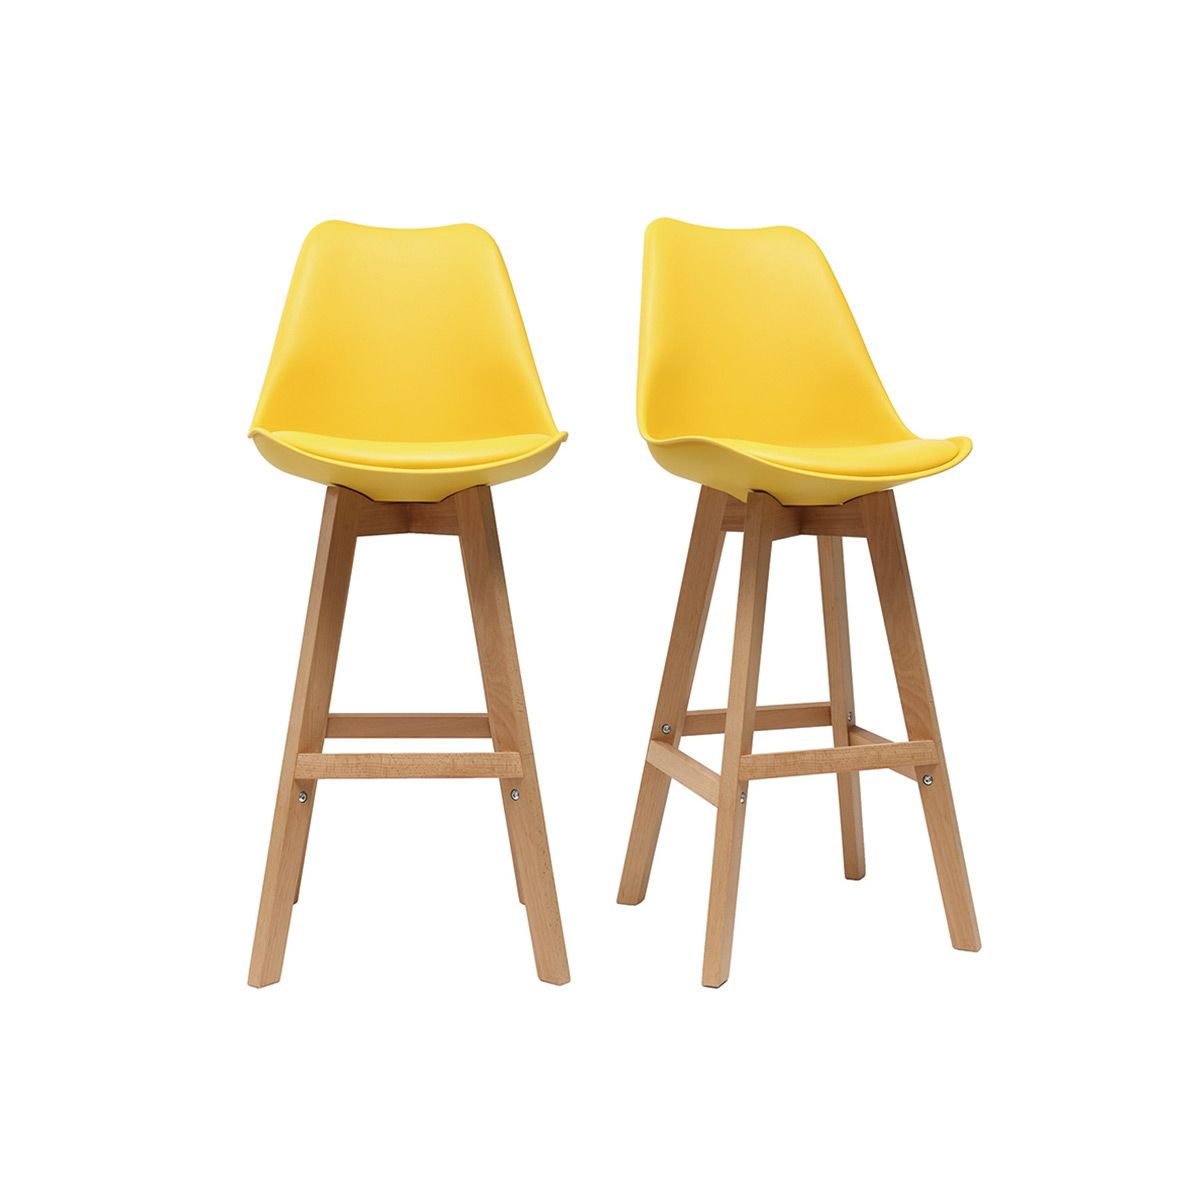 Dove acquistare Gruppo di due sgabelli da bar design giallo e legno 65cm PAULINE